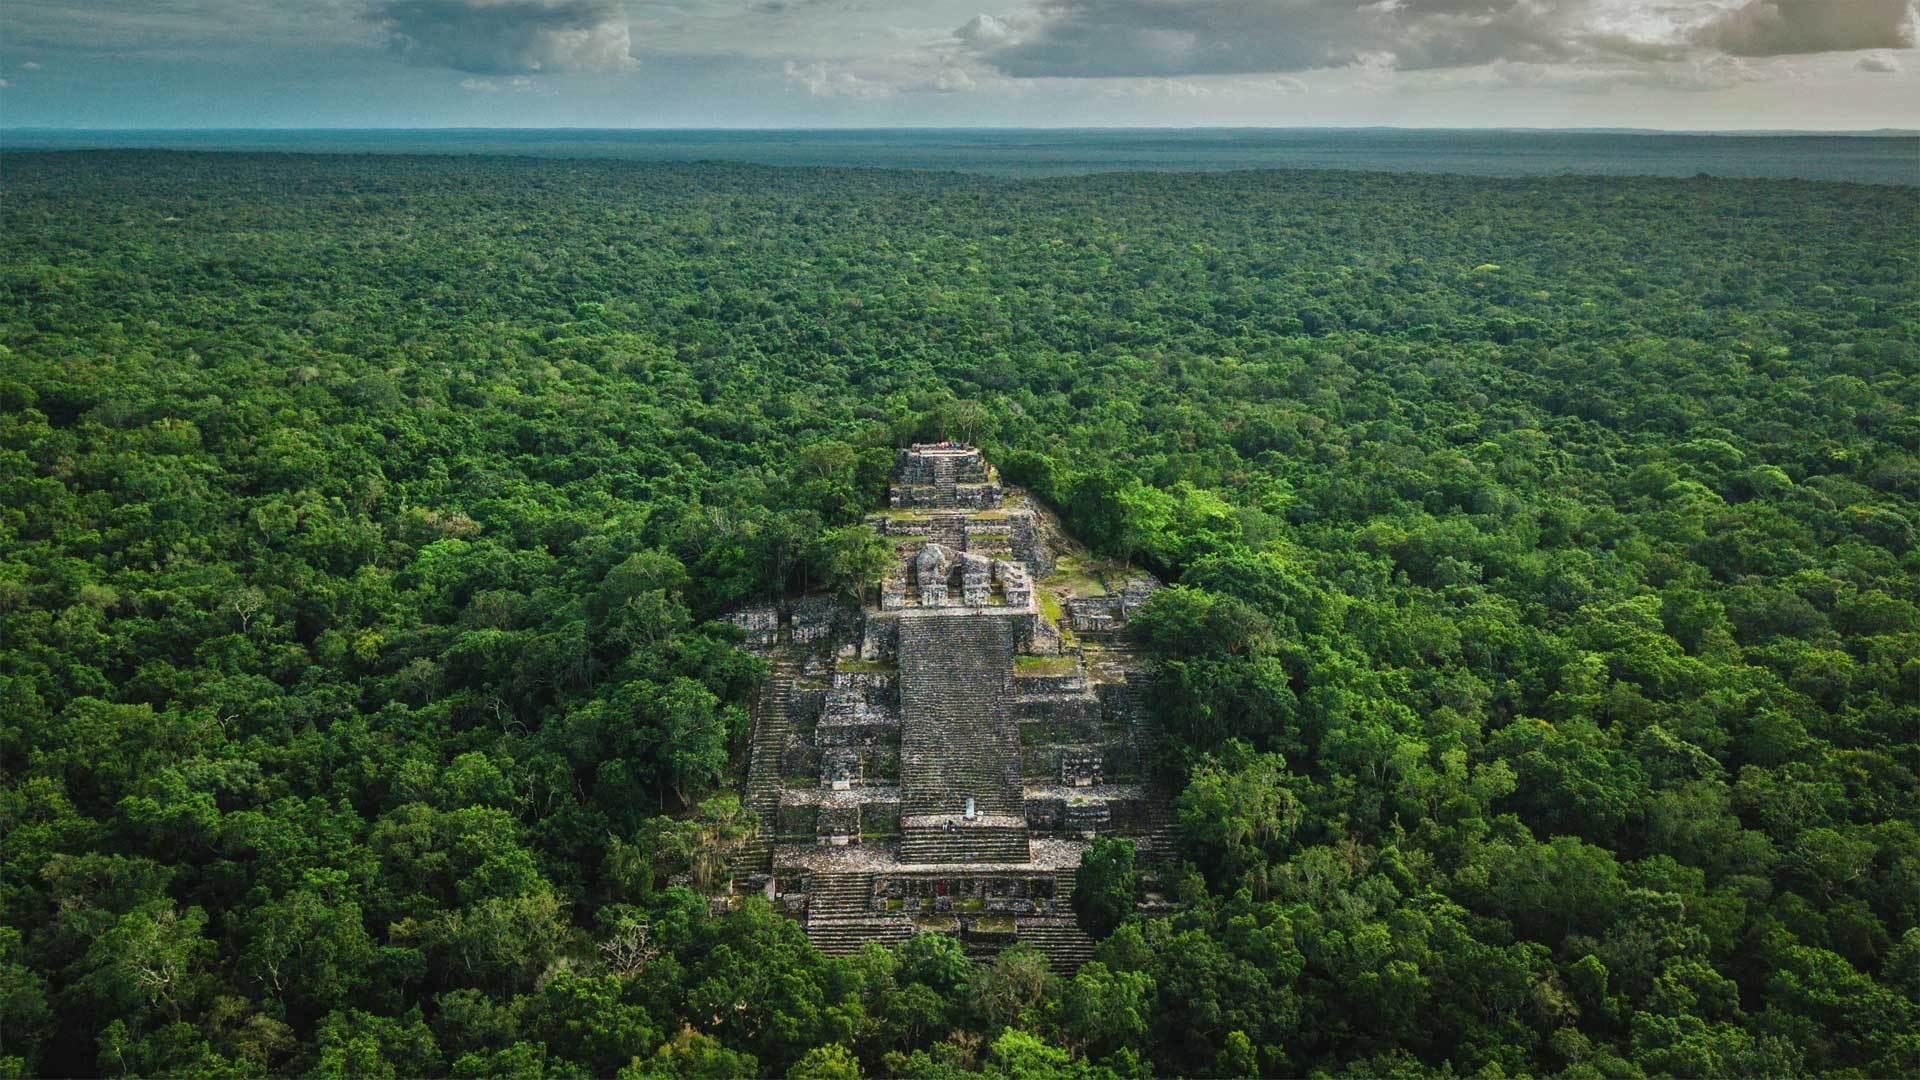 被丛林包围着的玛雅古城卡拉克穆尔遗址卡拉克穆尔遗址